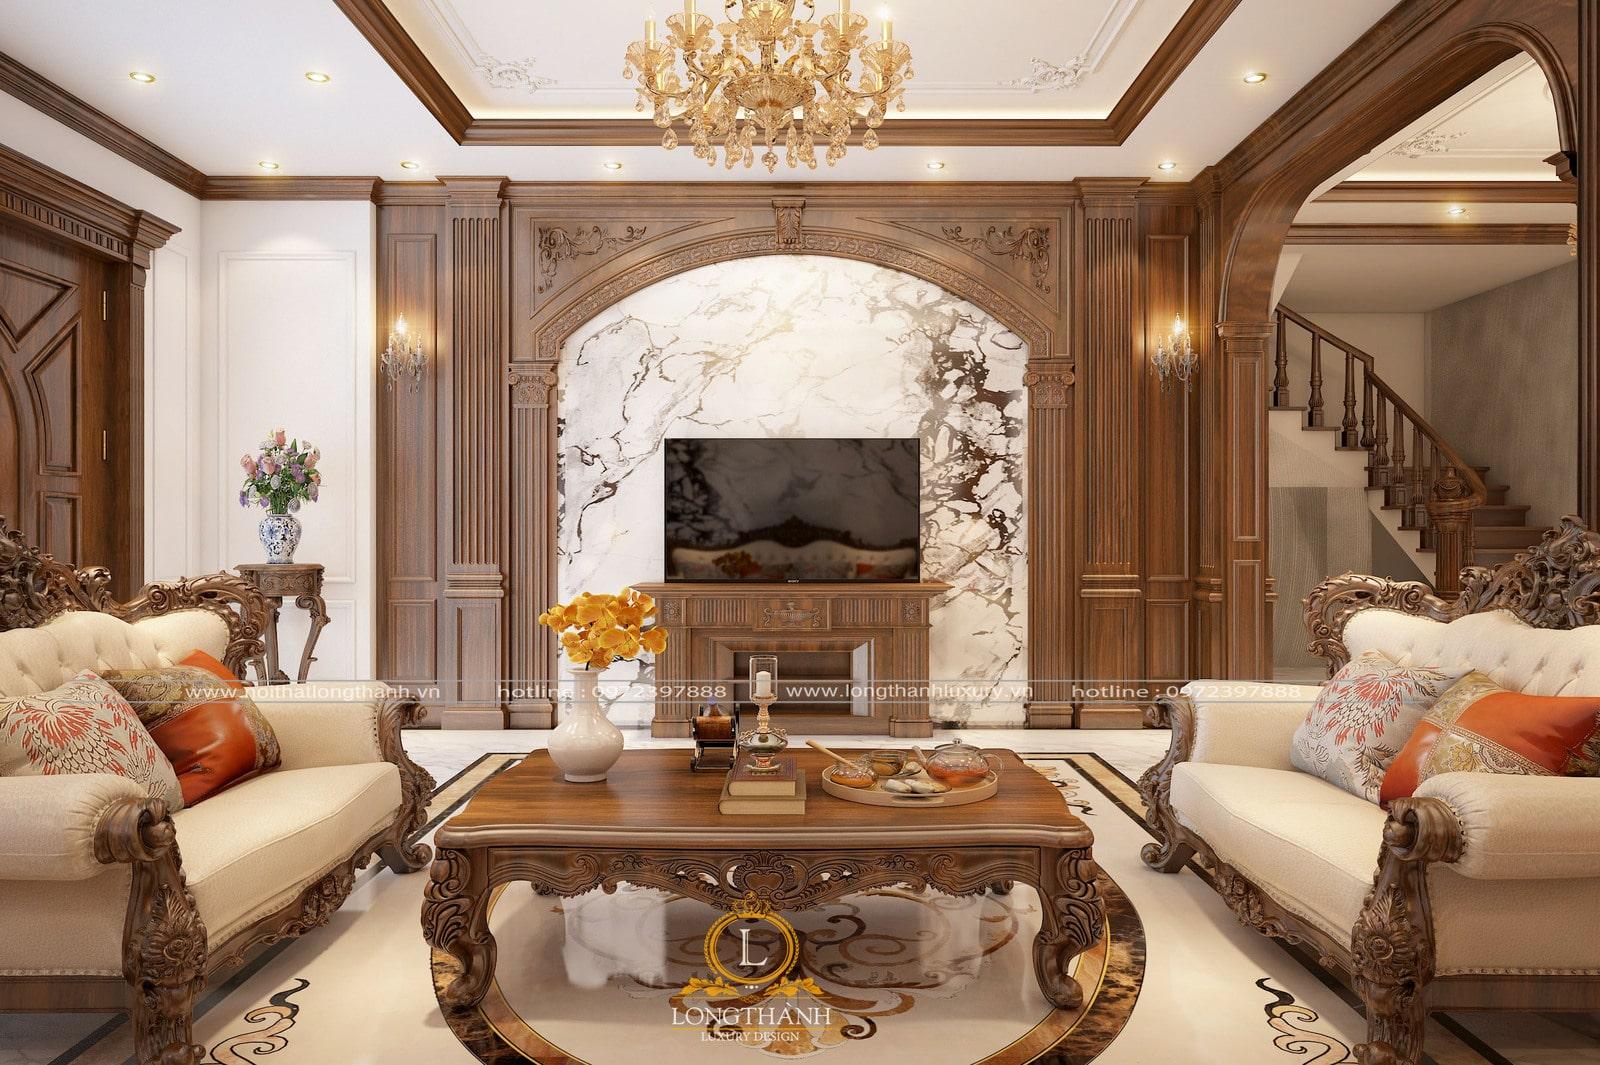 Bộ sofa tân cổ điển là điểm nhấn chính cho ngôi nhà